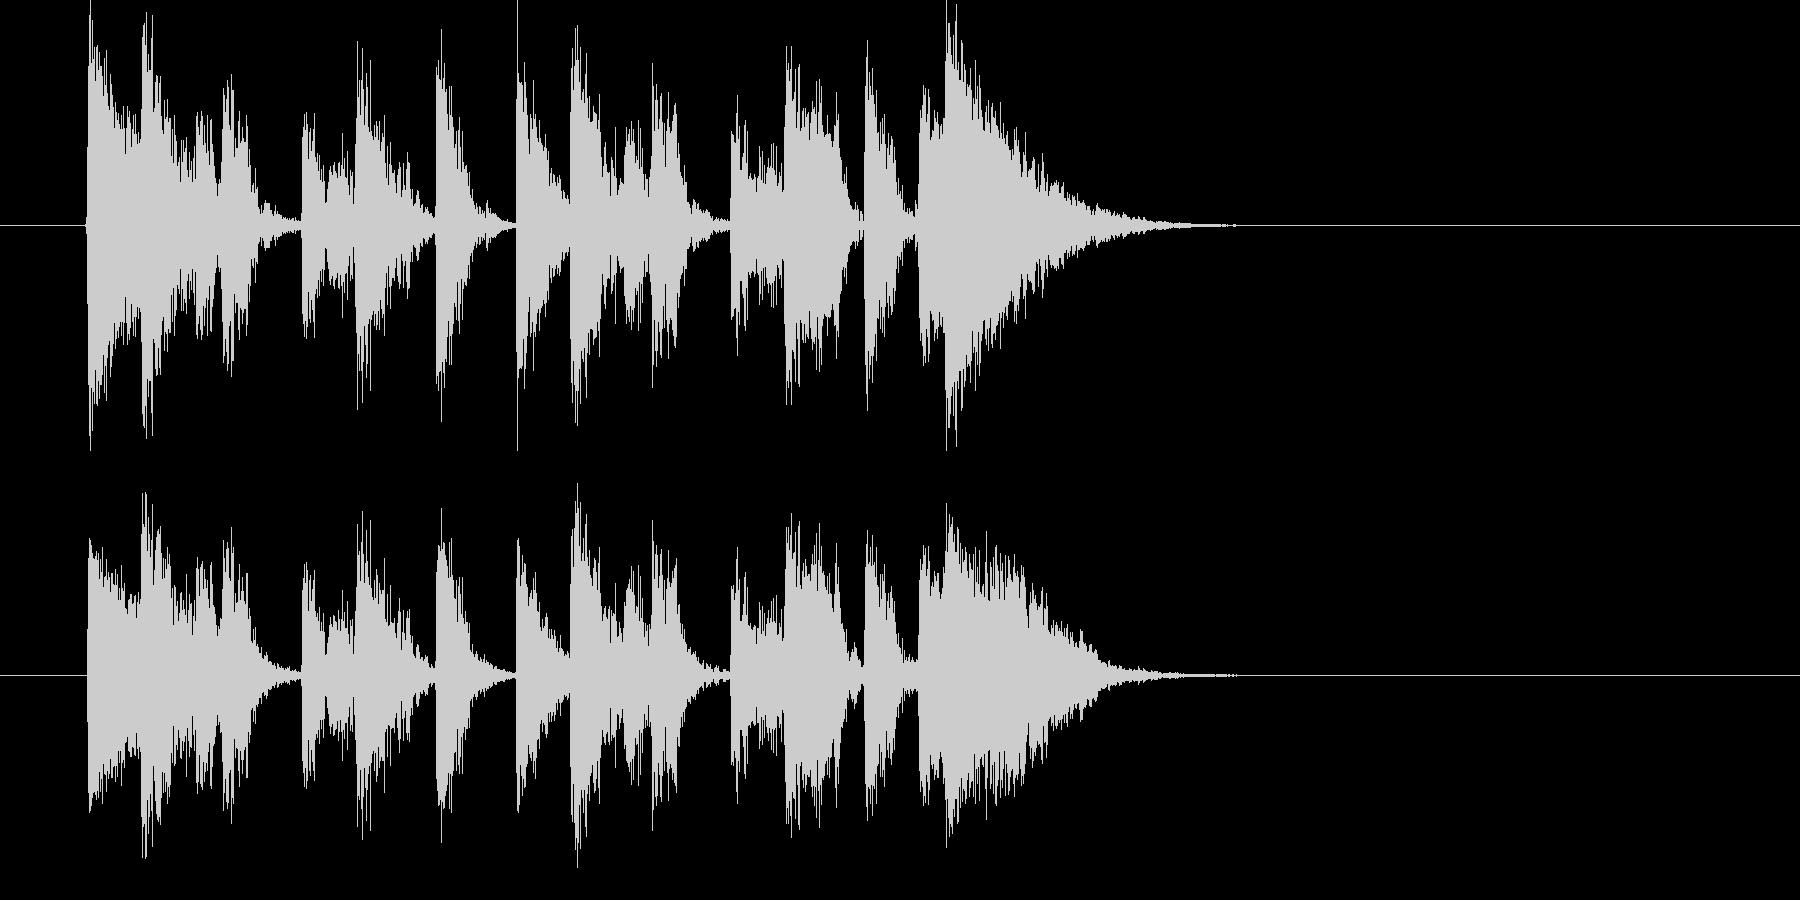 攻撃的なテクノミュージックの未再生の波形